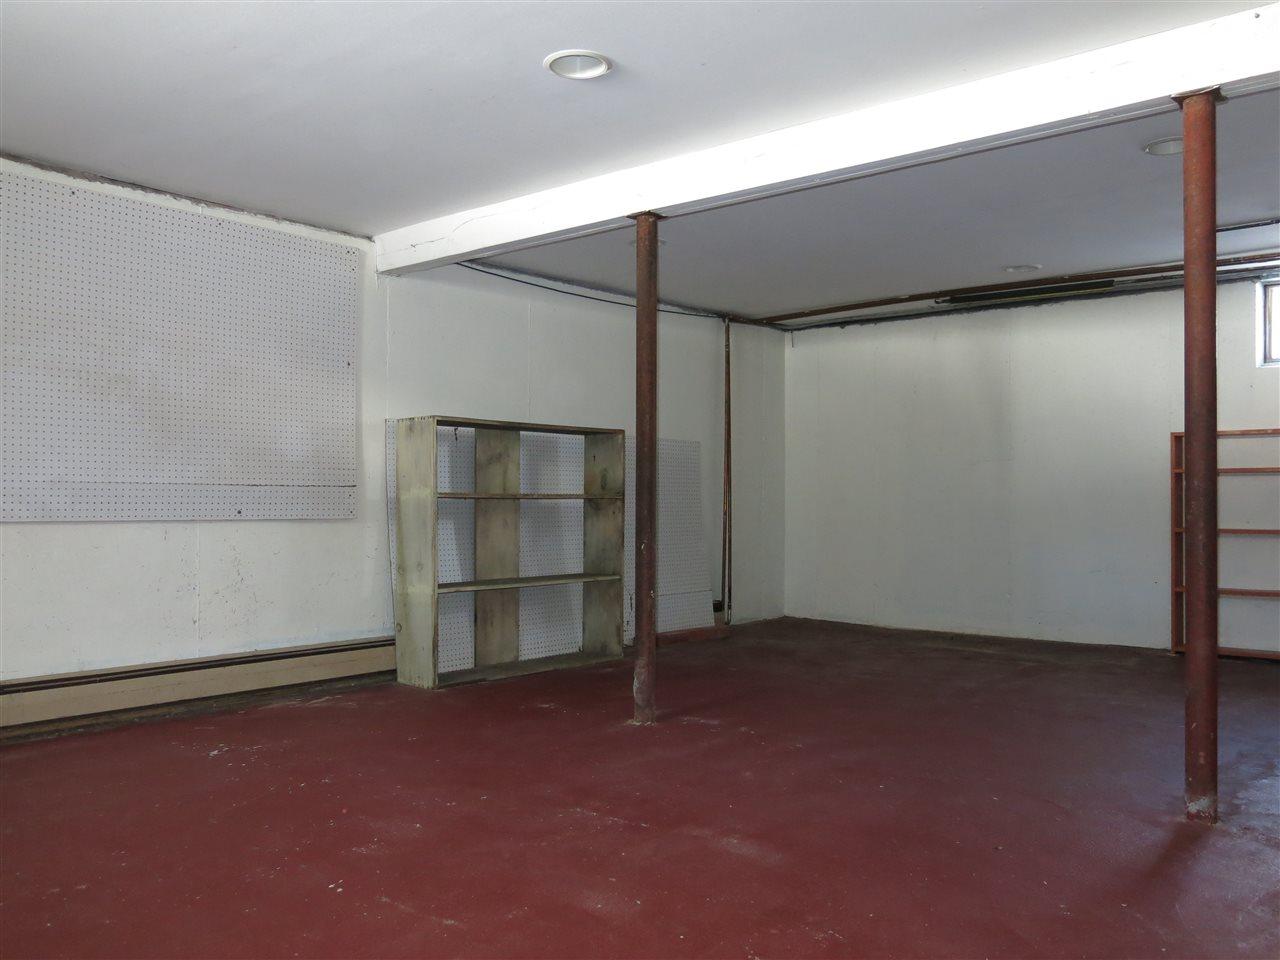 Basement Workshop Space